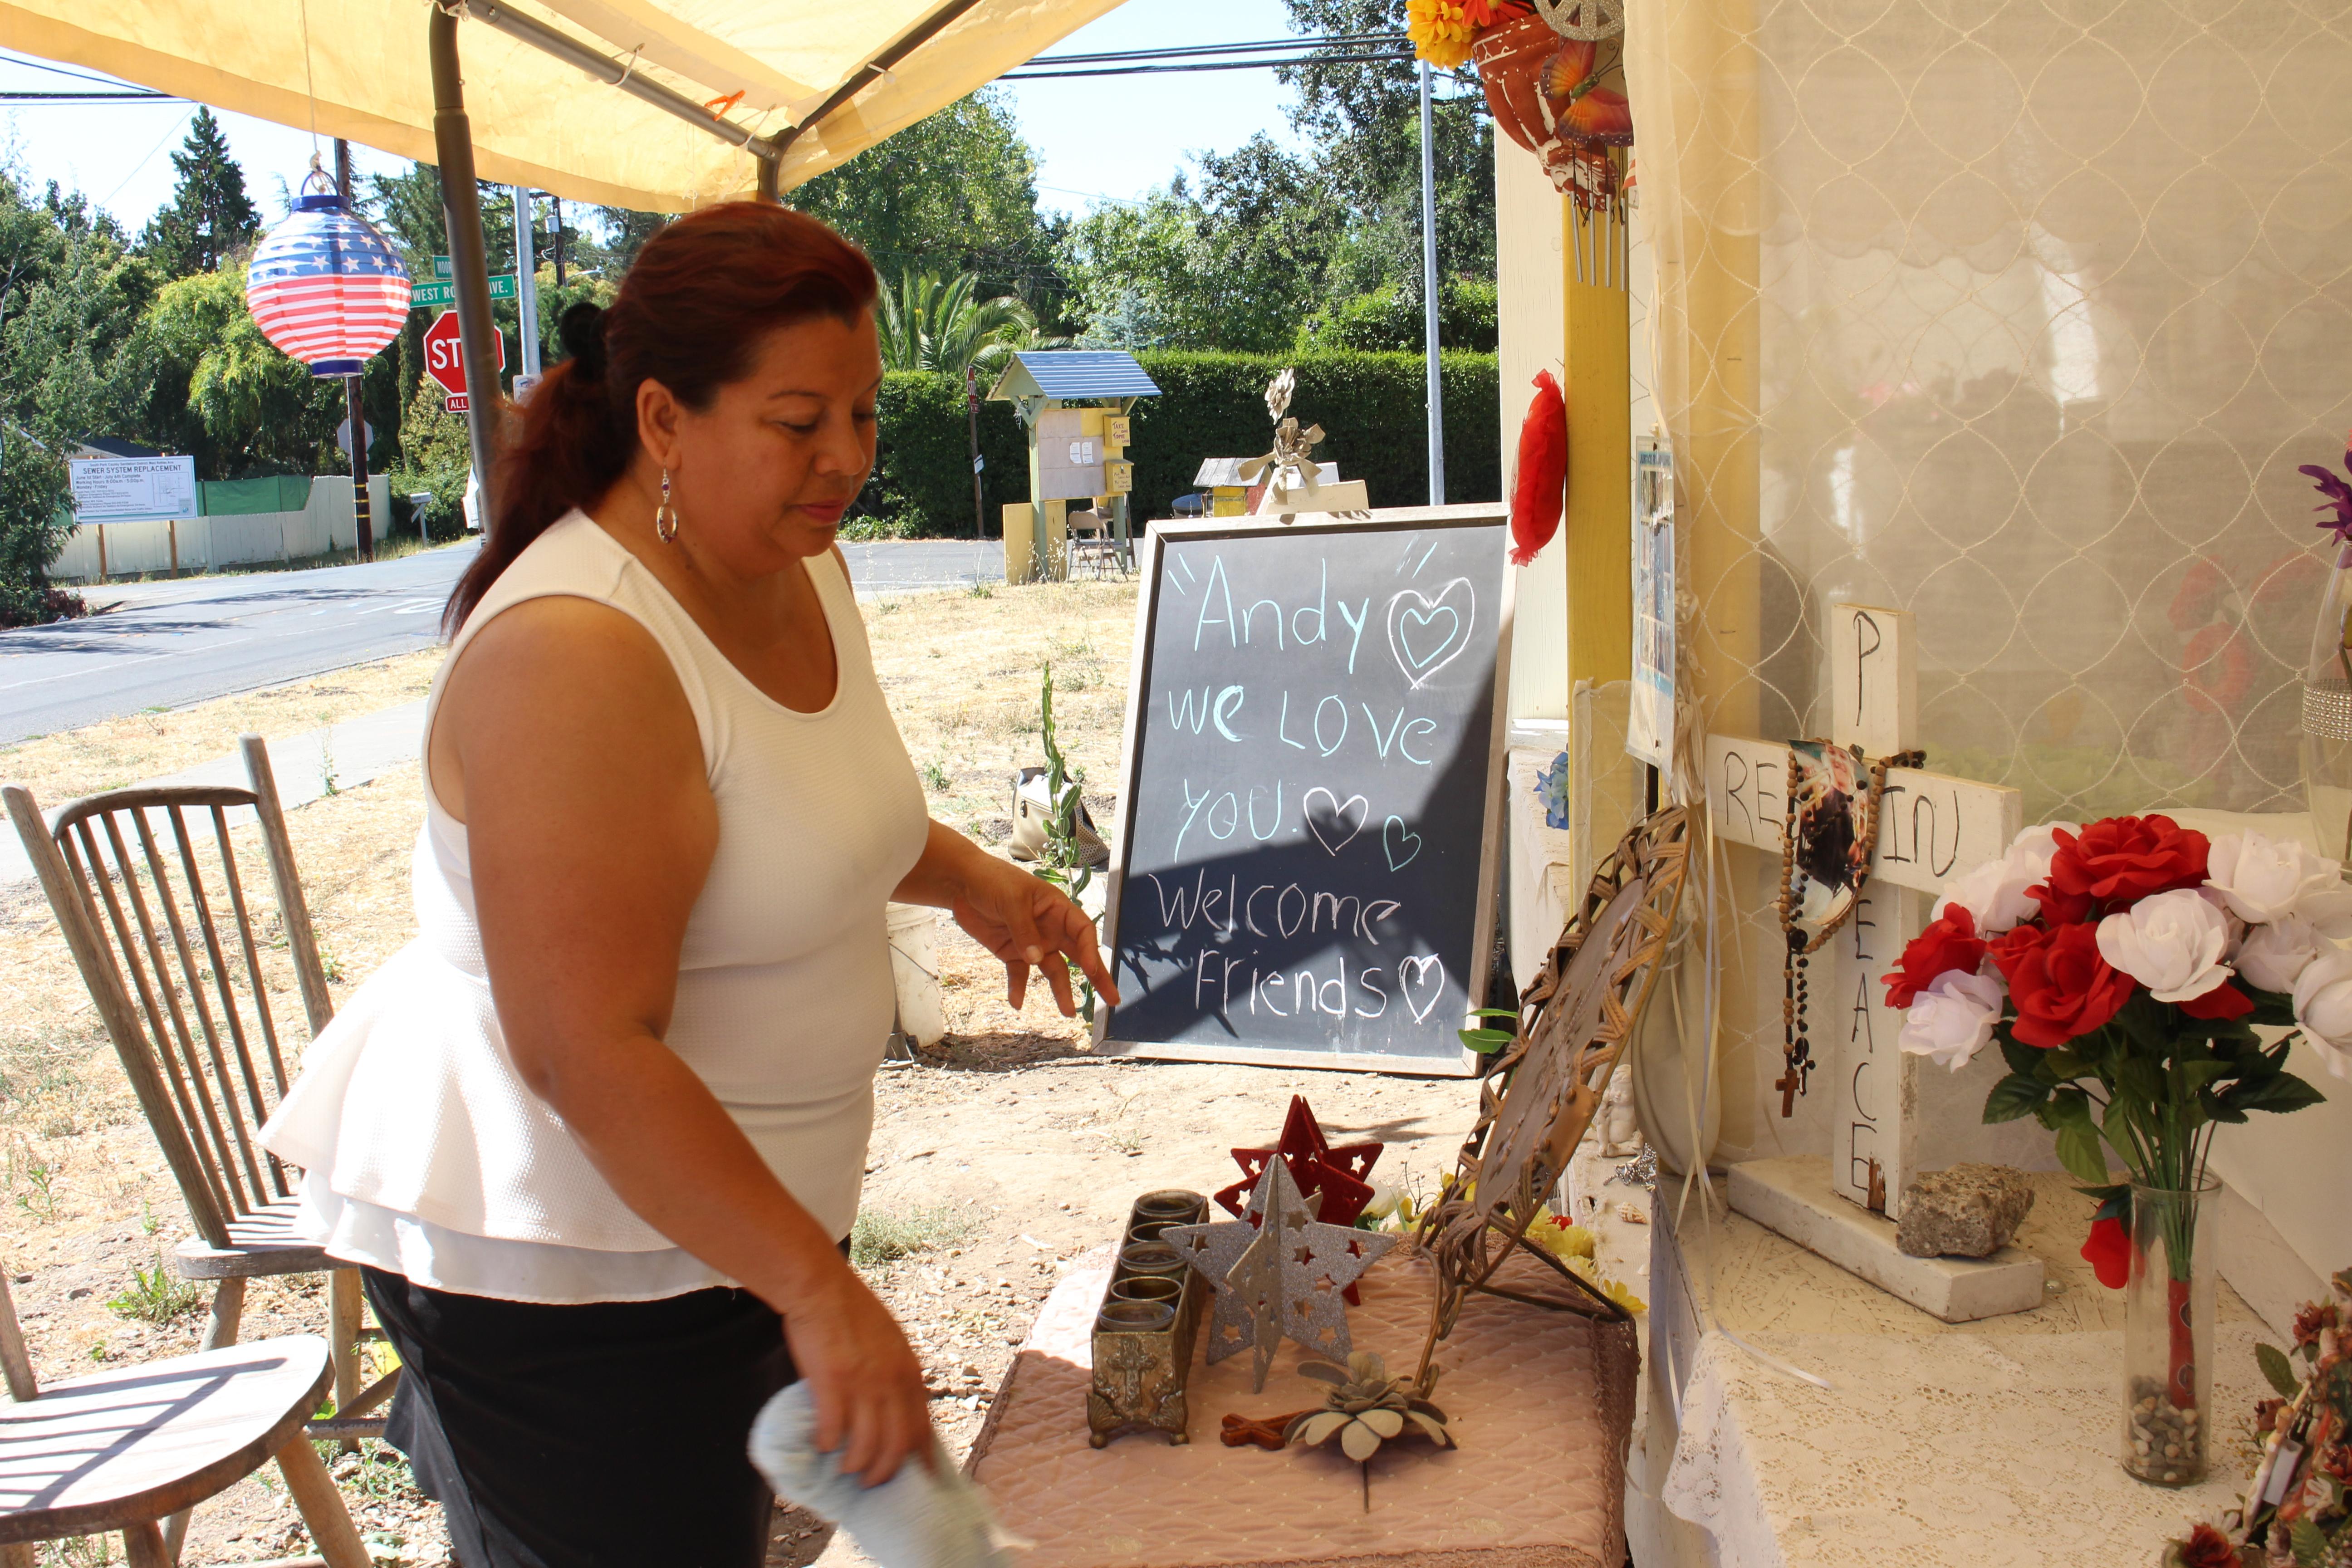 """Concepción Domínguez limpia un altar para Andy López en el lugar donde murió. Vecina de López, dice que preferiría que Gelhaus no patrullara las calles. """"Es demasiado peligroso"""". Foto: Farida Jhabvala Romero/KQED"""